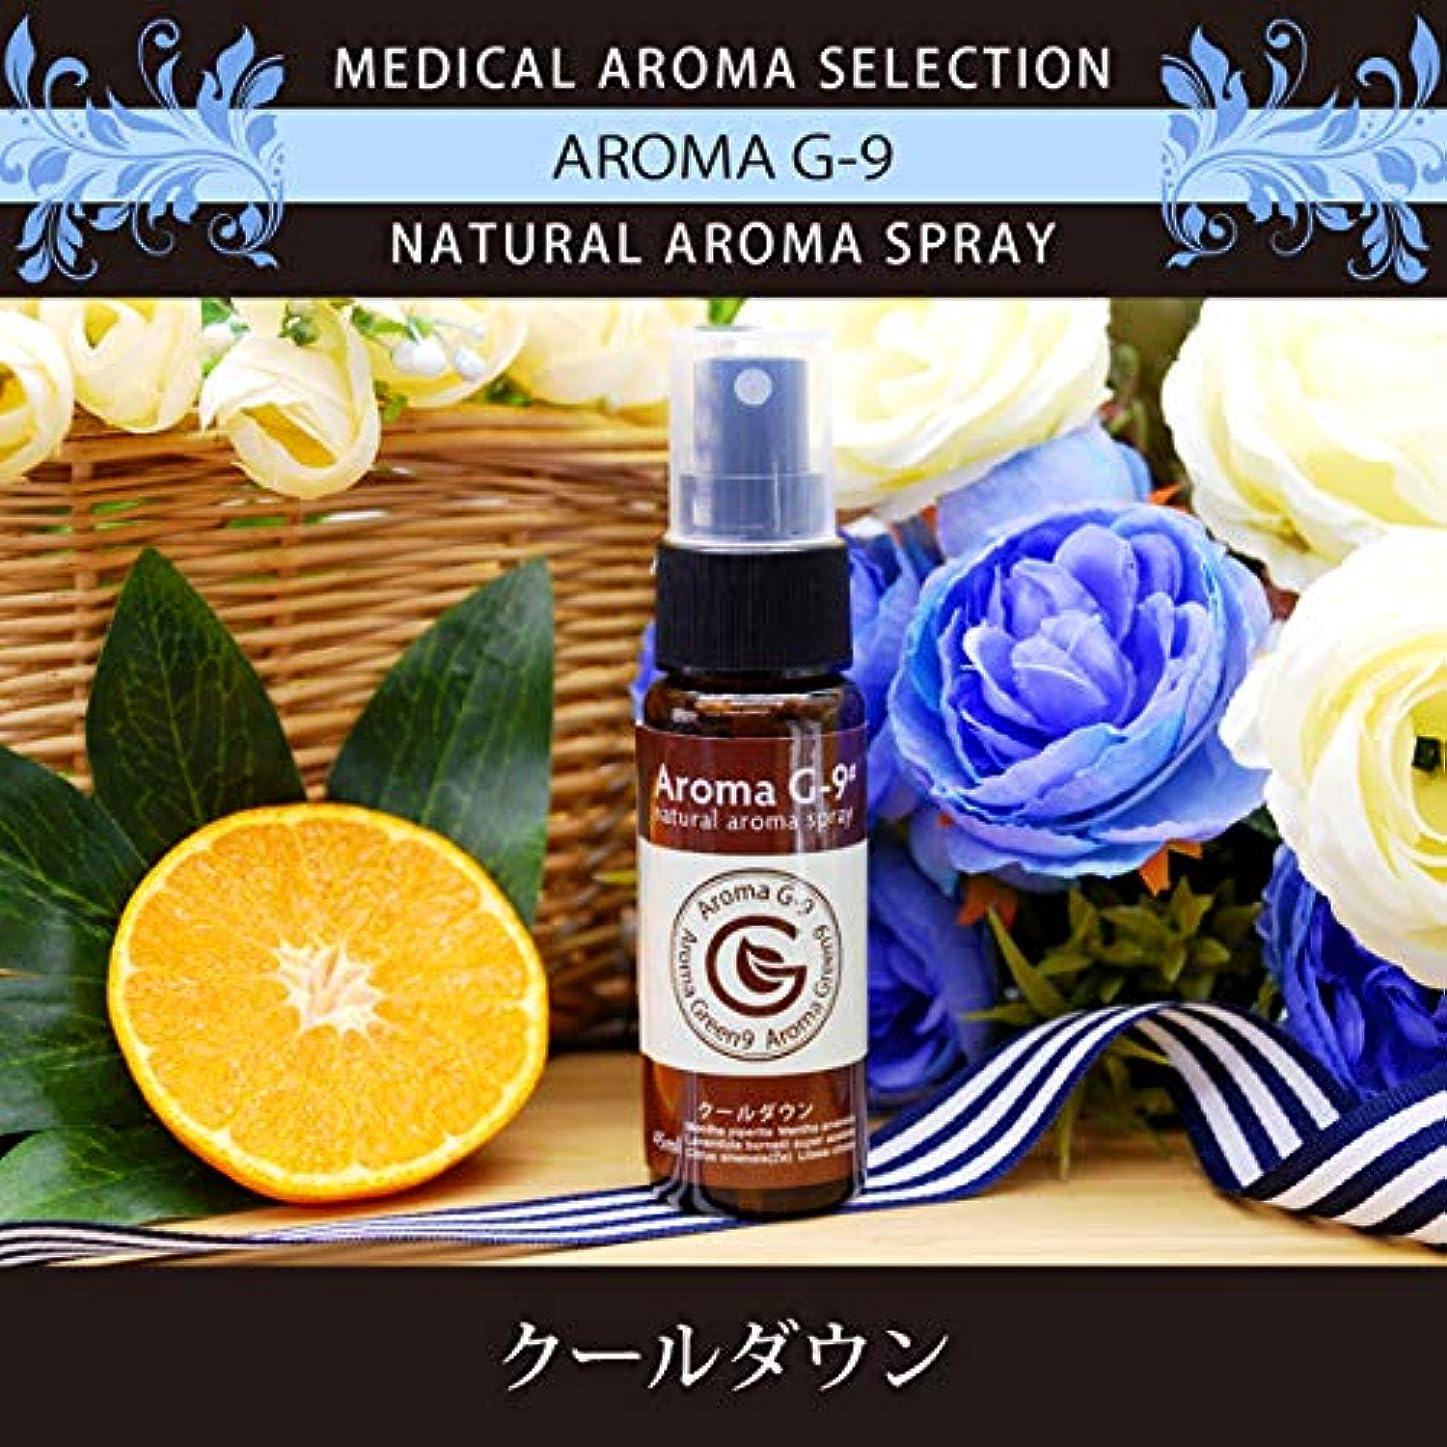 分散鼓舞する鼻アロマスプレー Aroma G-9# クールダウンスプレー 45ml